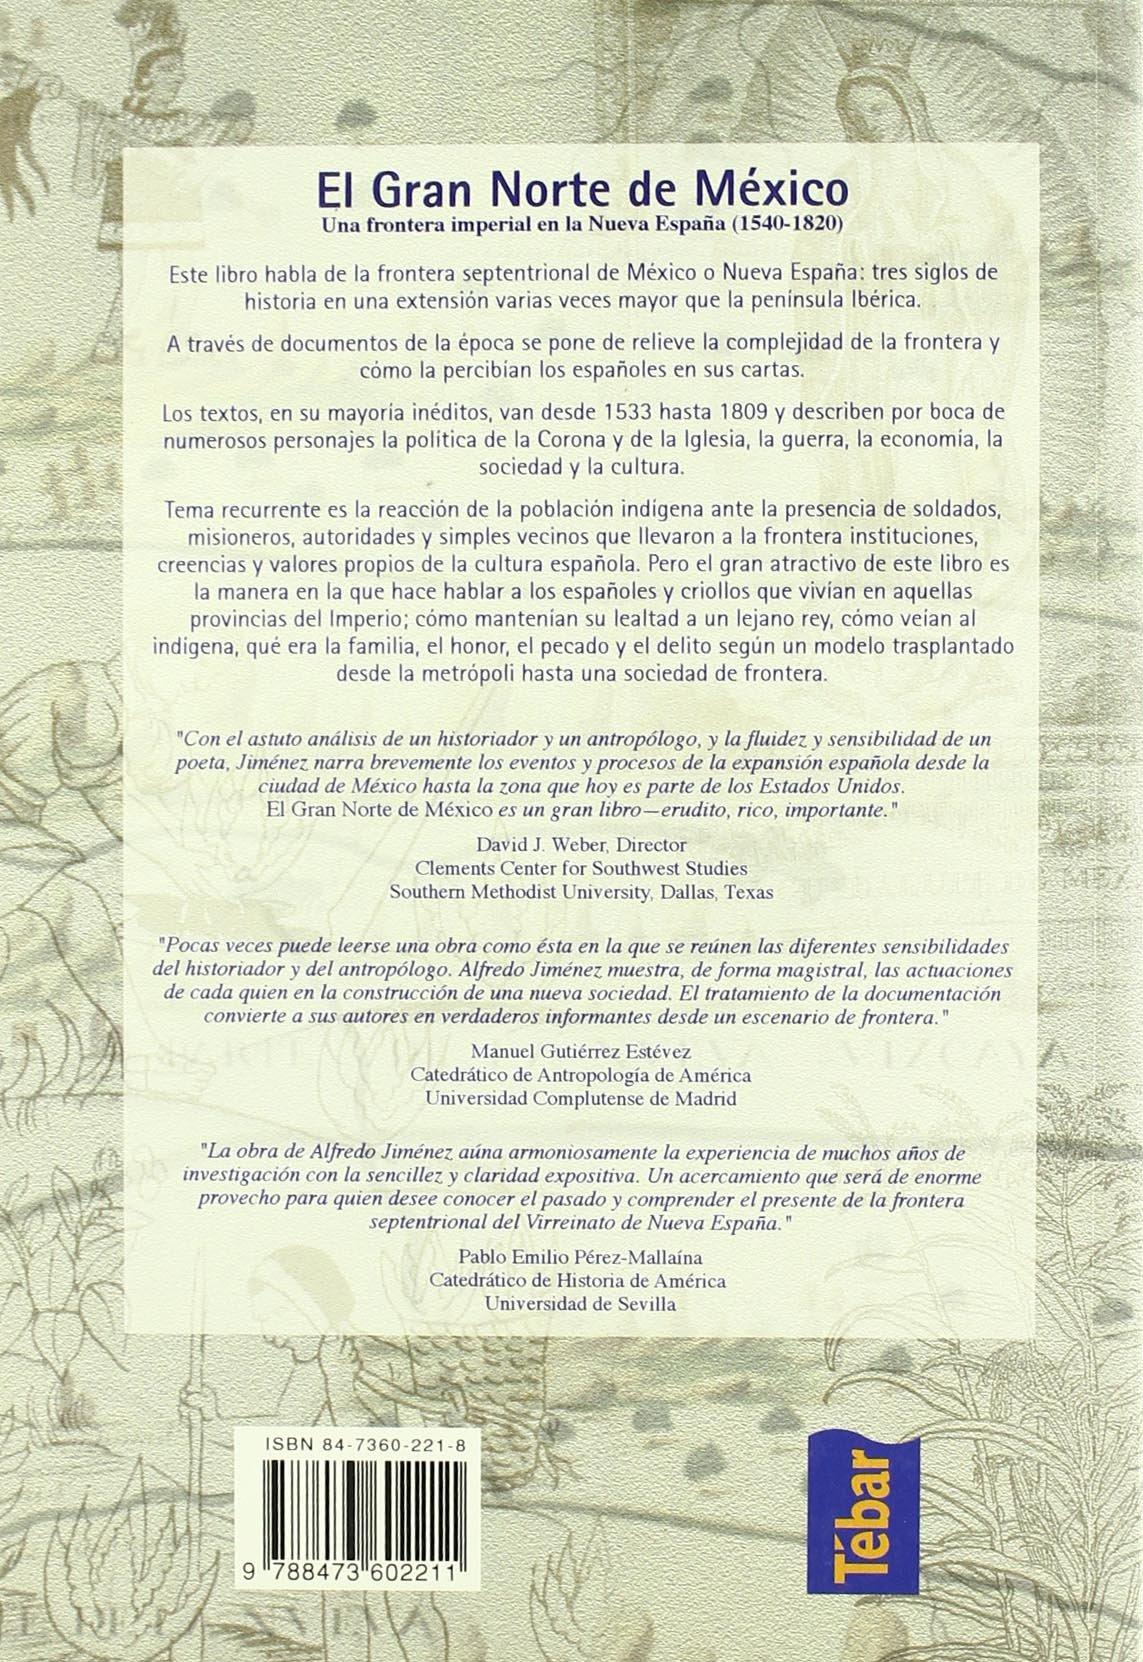 El gran norte de México: Frontera imperial en la Nueva España 1540-1820: Amazon.es: Jiménez, Alfredo: Libros